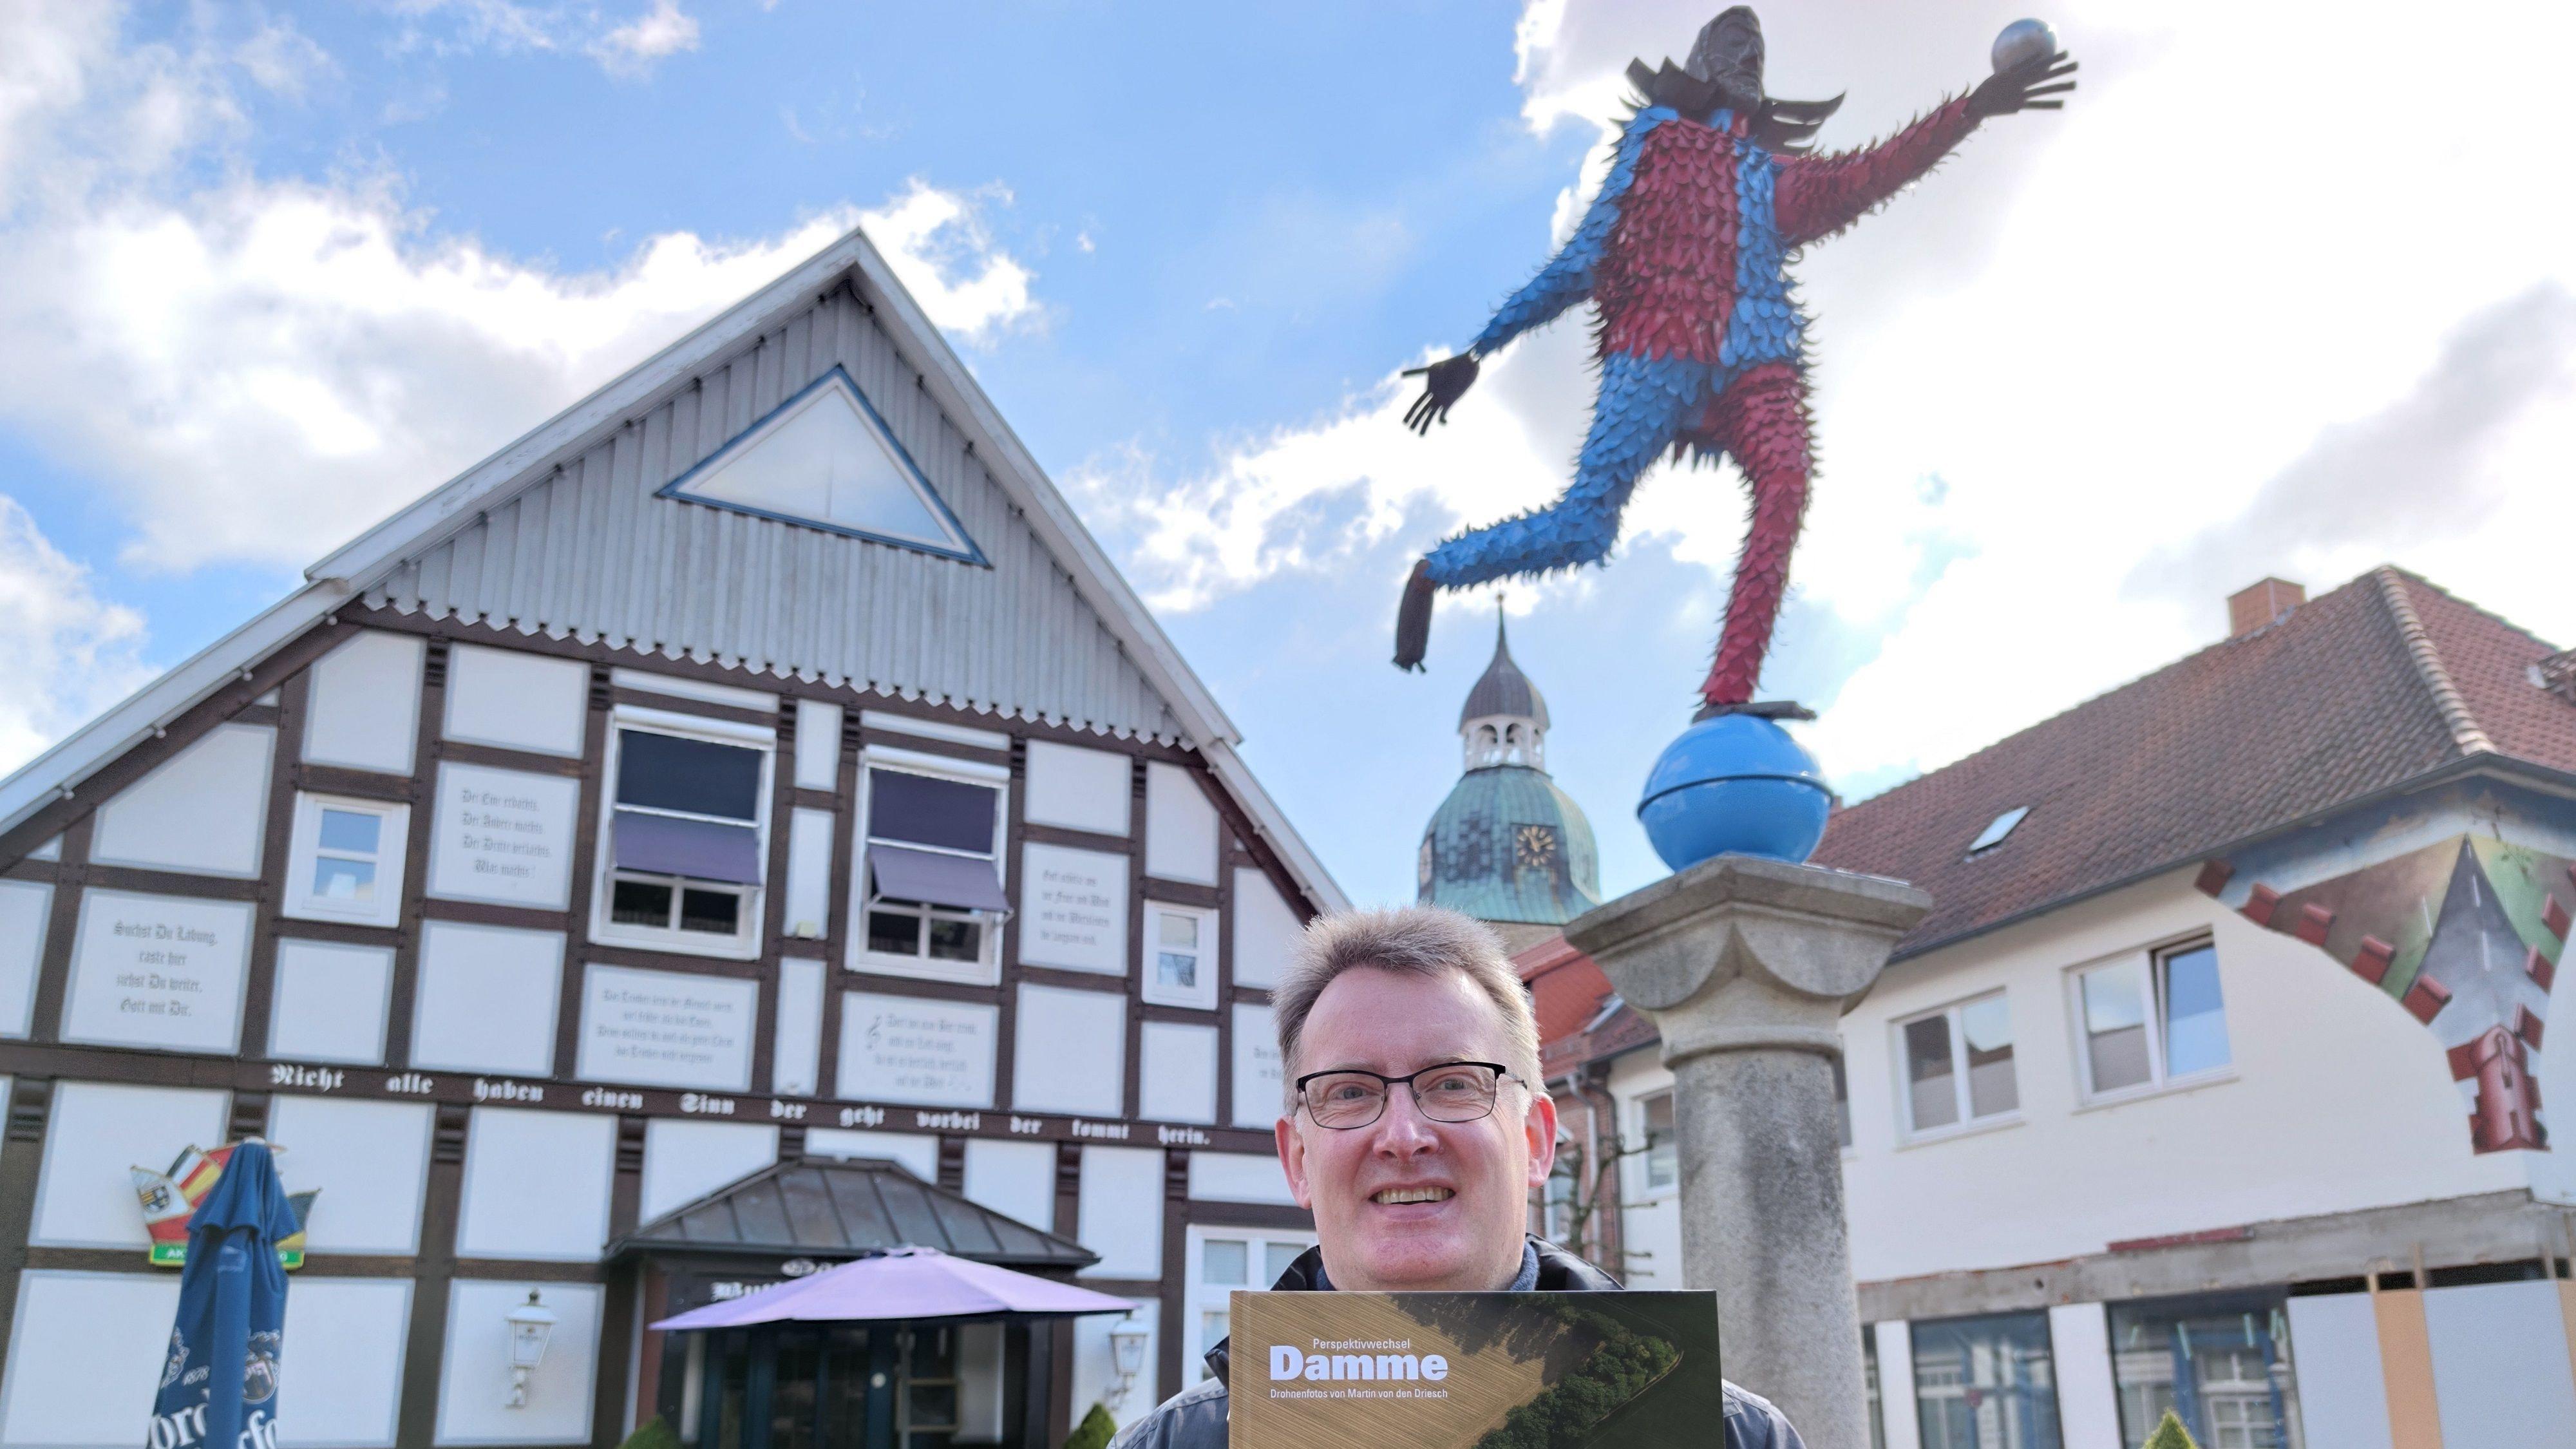 Martin von den Driesch stellt sein Buch mit Bildern vor, die er mithilfe einer Drohne gemacht hat. Foto: Röttgers